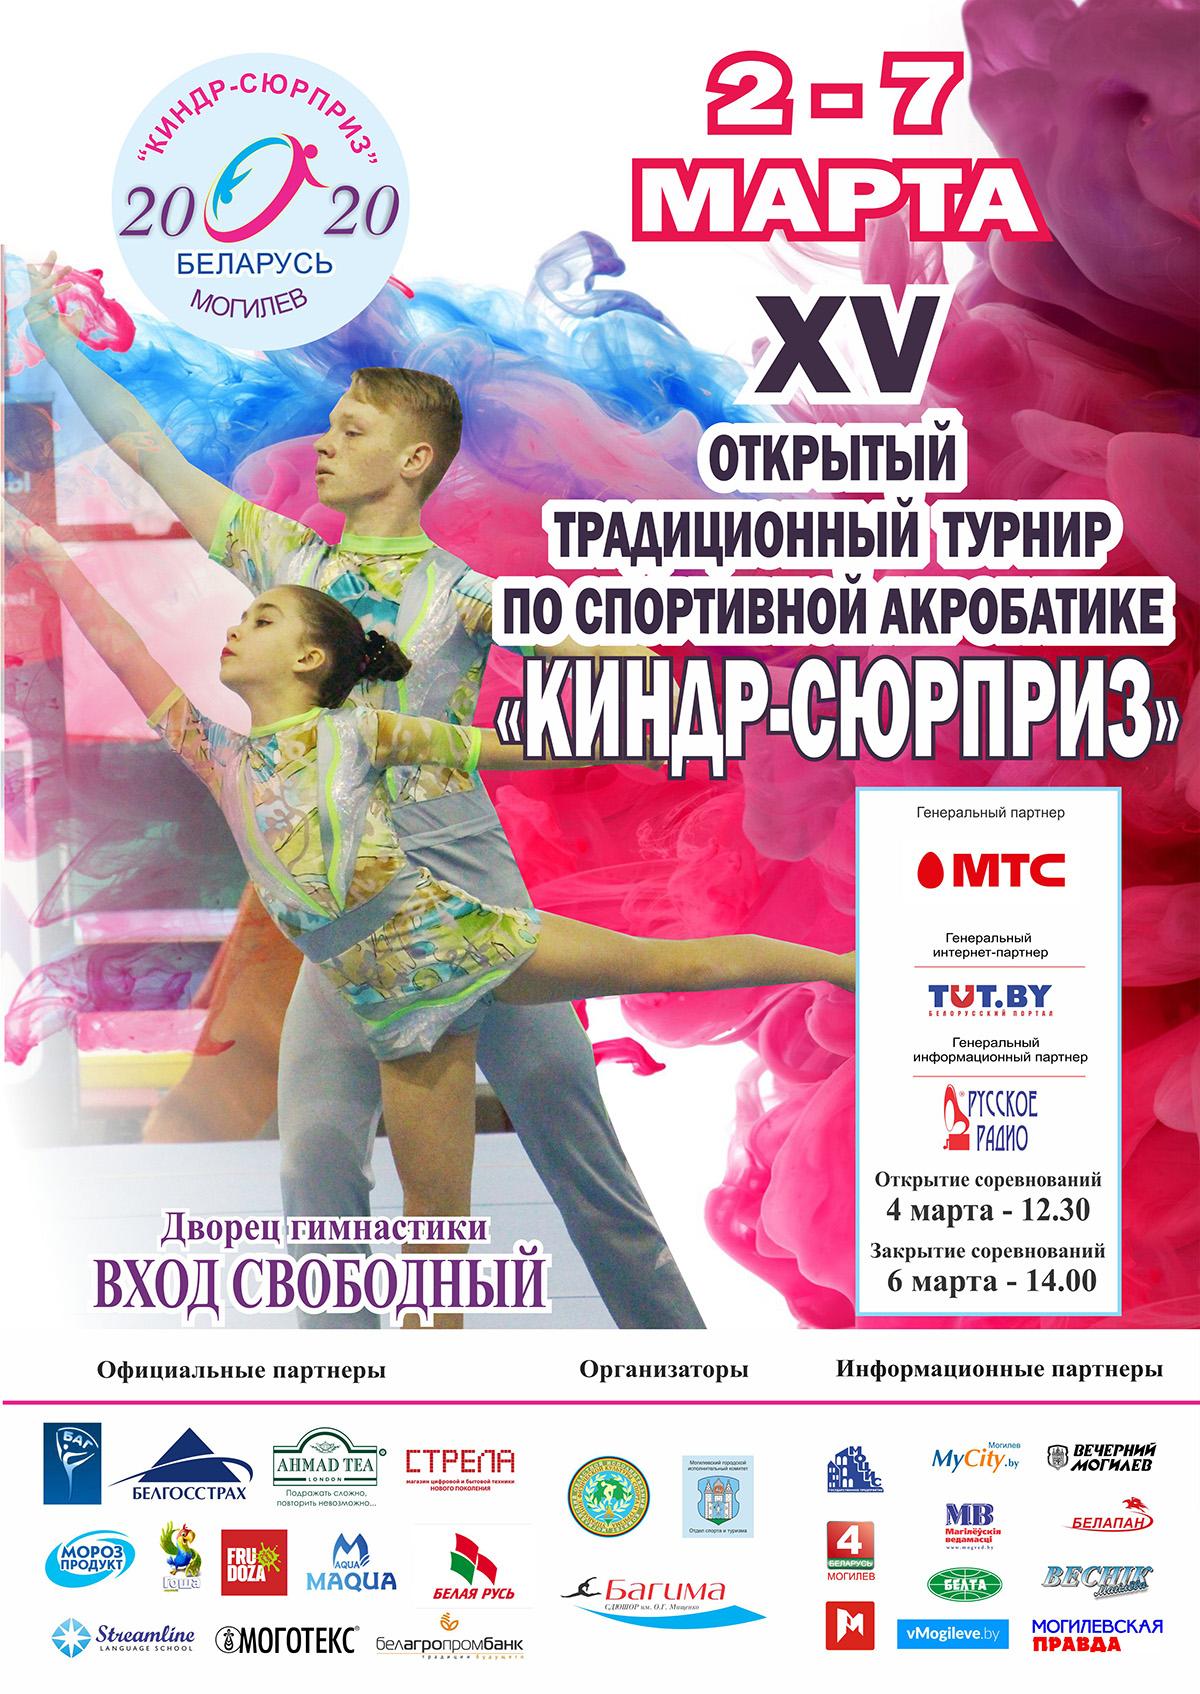 XV открытый традиционный турнир по спортивной акробатике «Киндр-сюрприз»